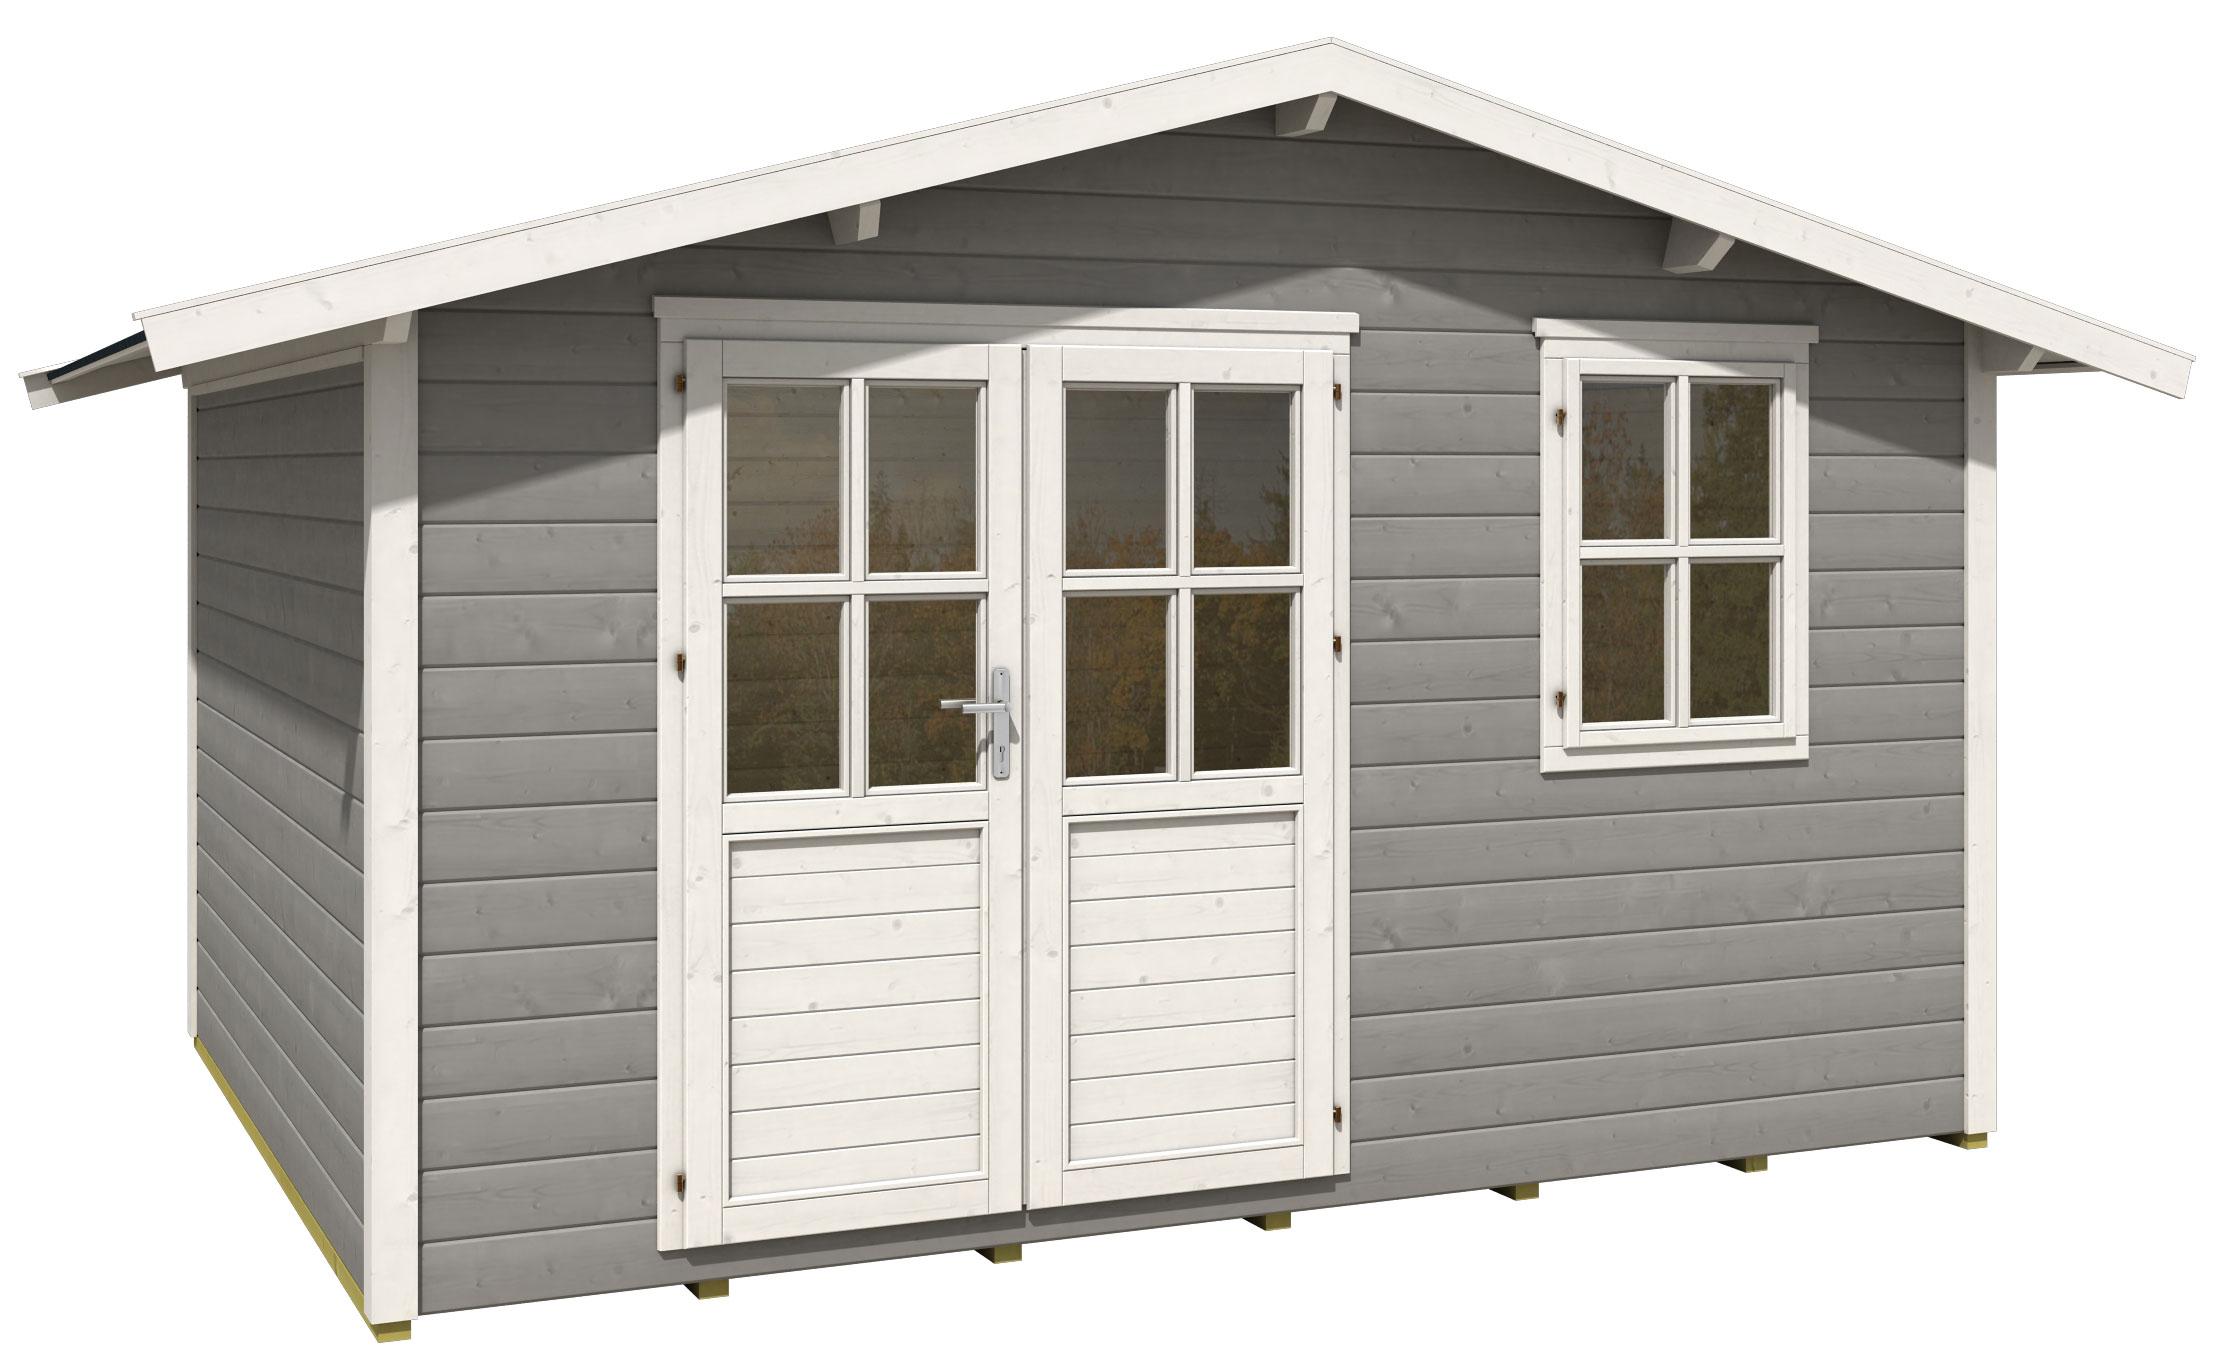 gartenhaus color 3830 online g nstig kaufen. Black Bedroom Furniture Sets. Home Design Ideas